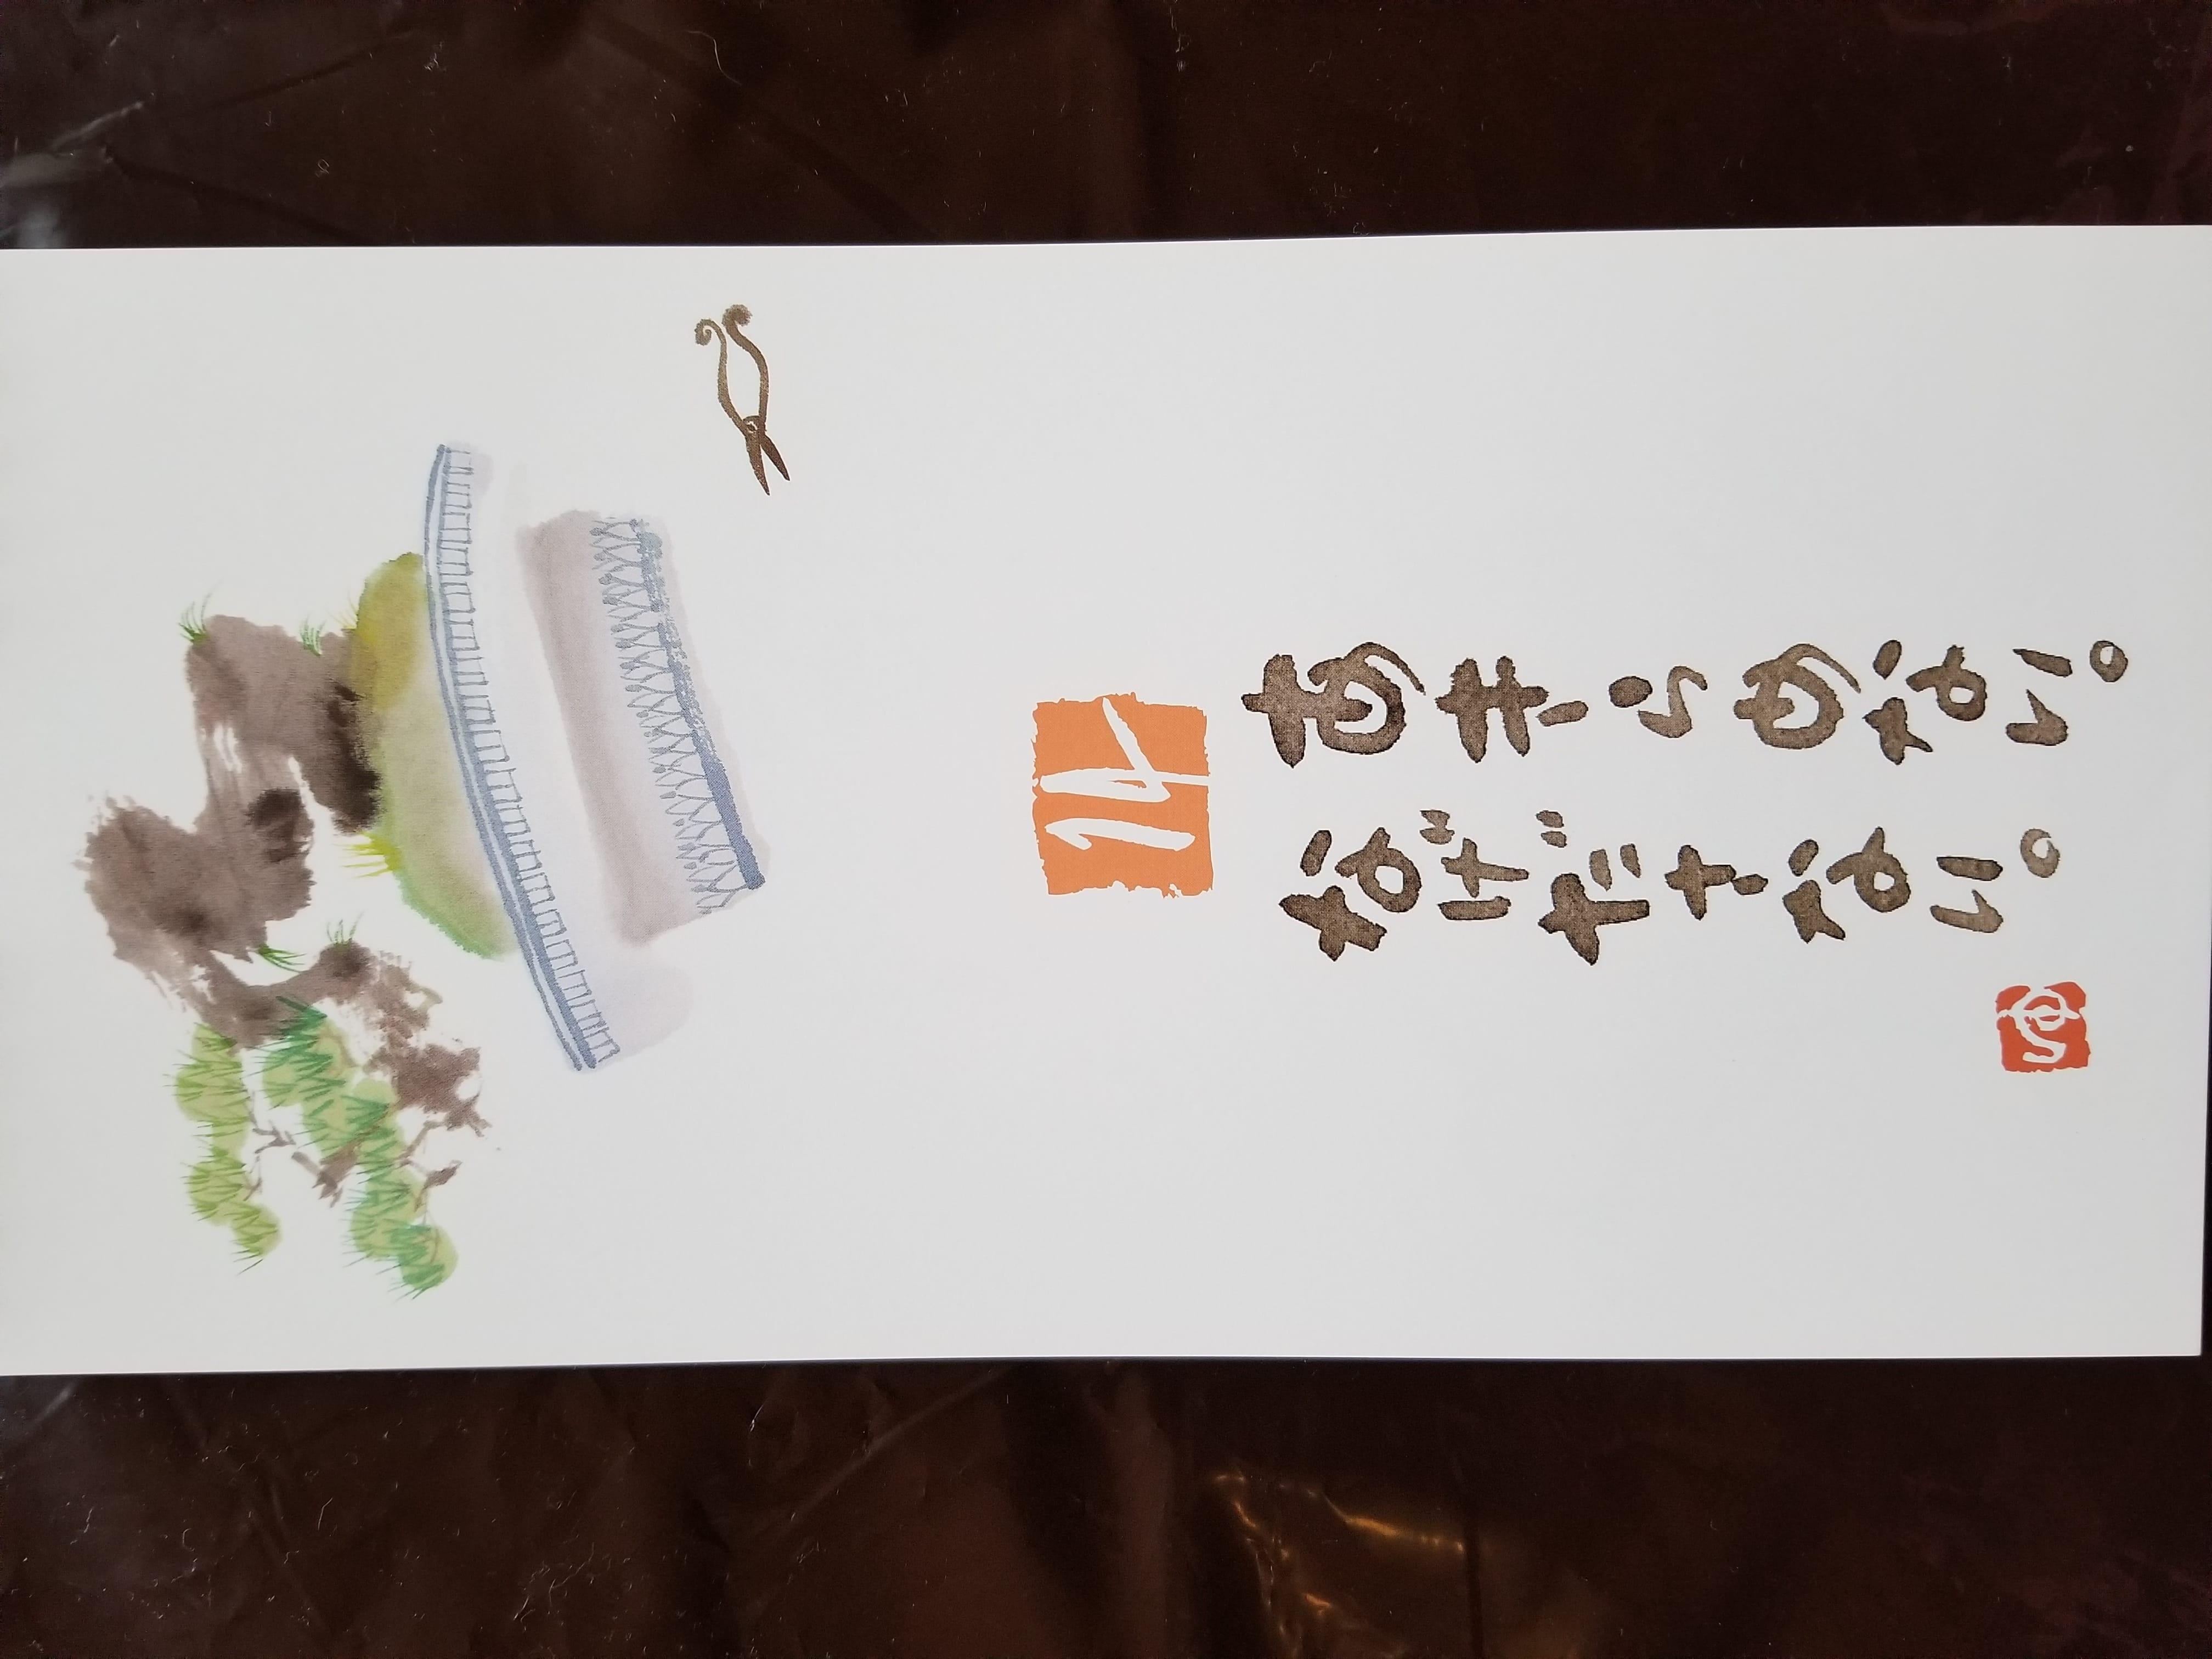 智里(ちさと)「☆おはようございます☆」12/14(木) 07:43   智里(ちさと)の写メ・風俗動画